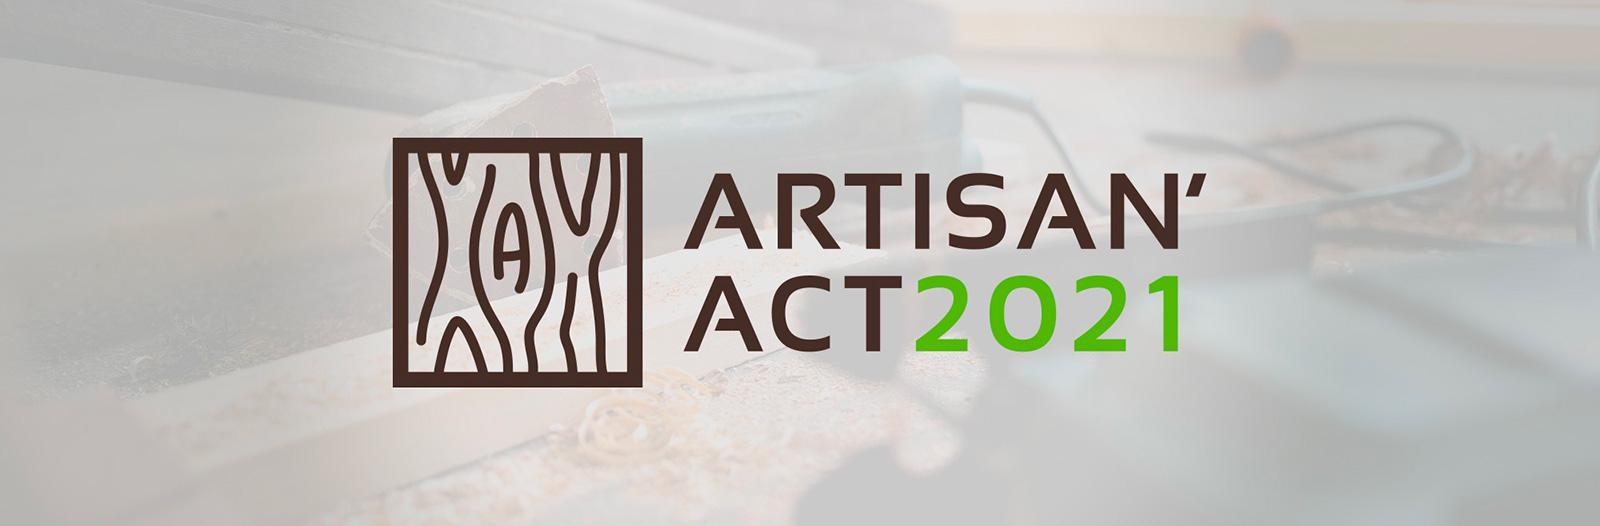 vignette-Artisan-Act-Generique-2021